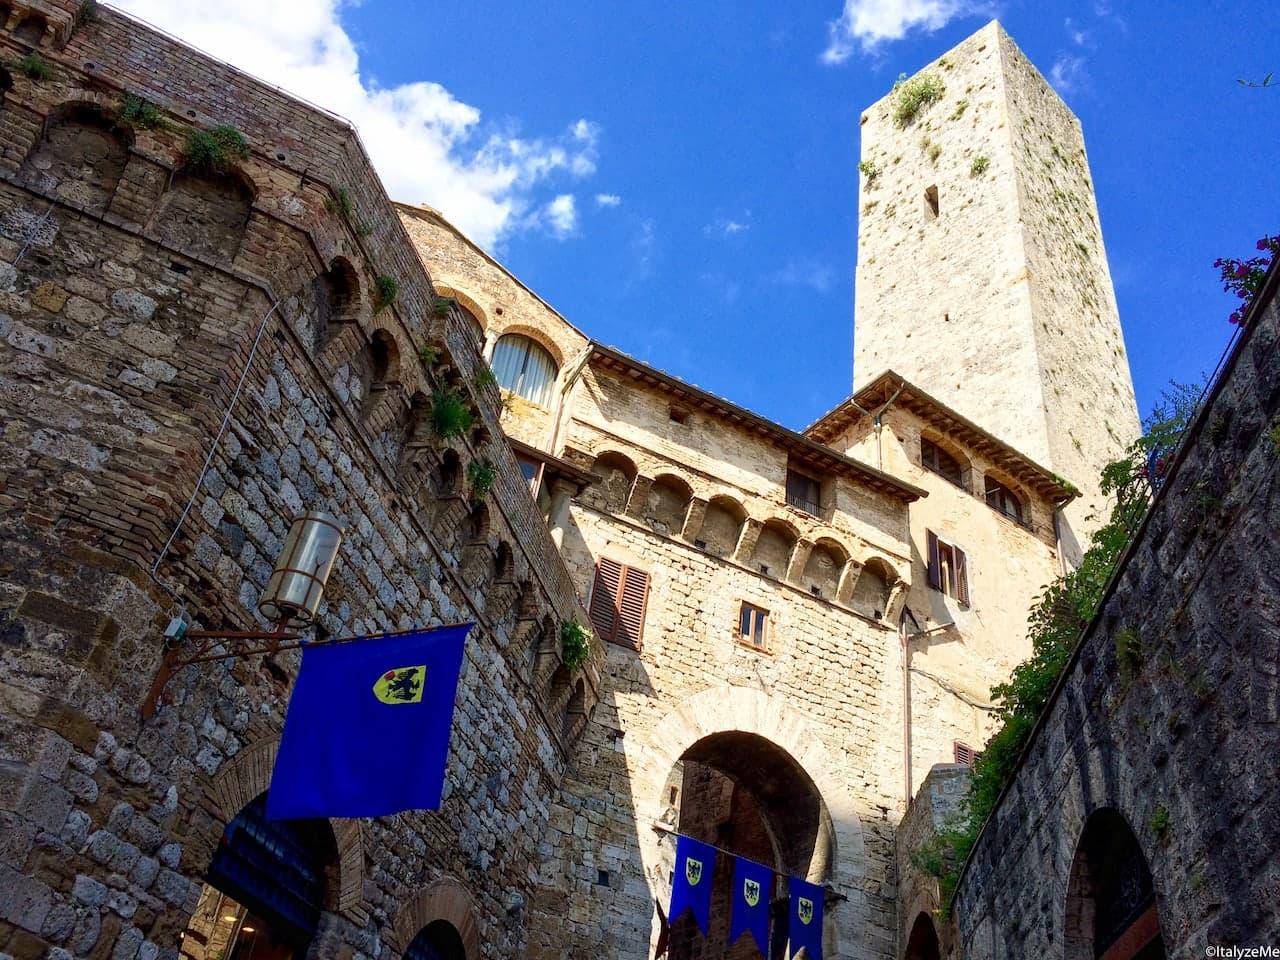 Arco de' Becci, San Gimignano